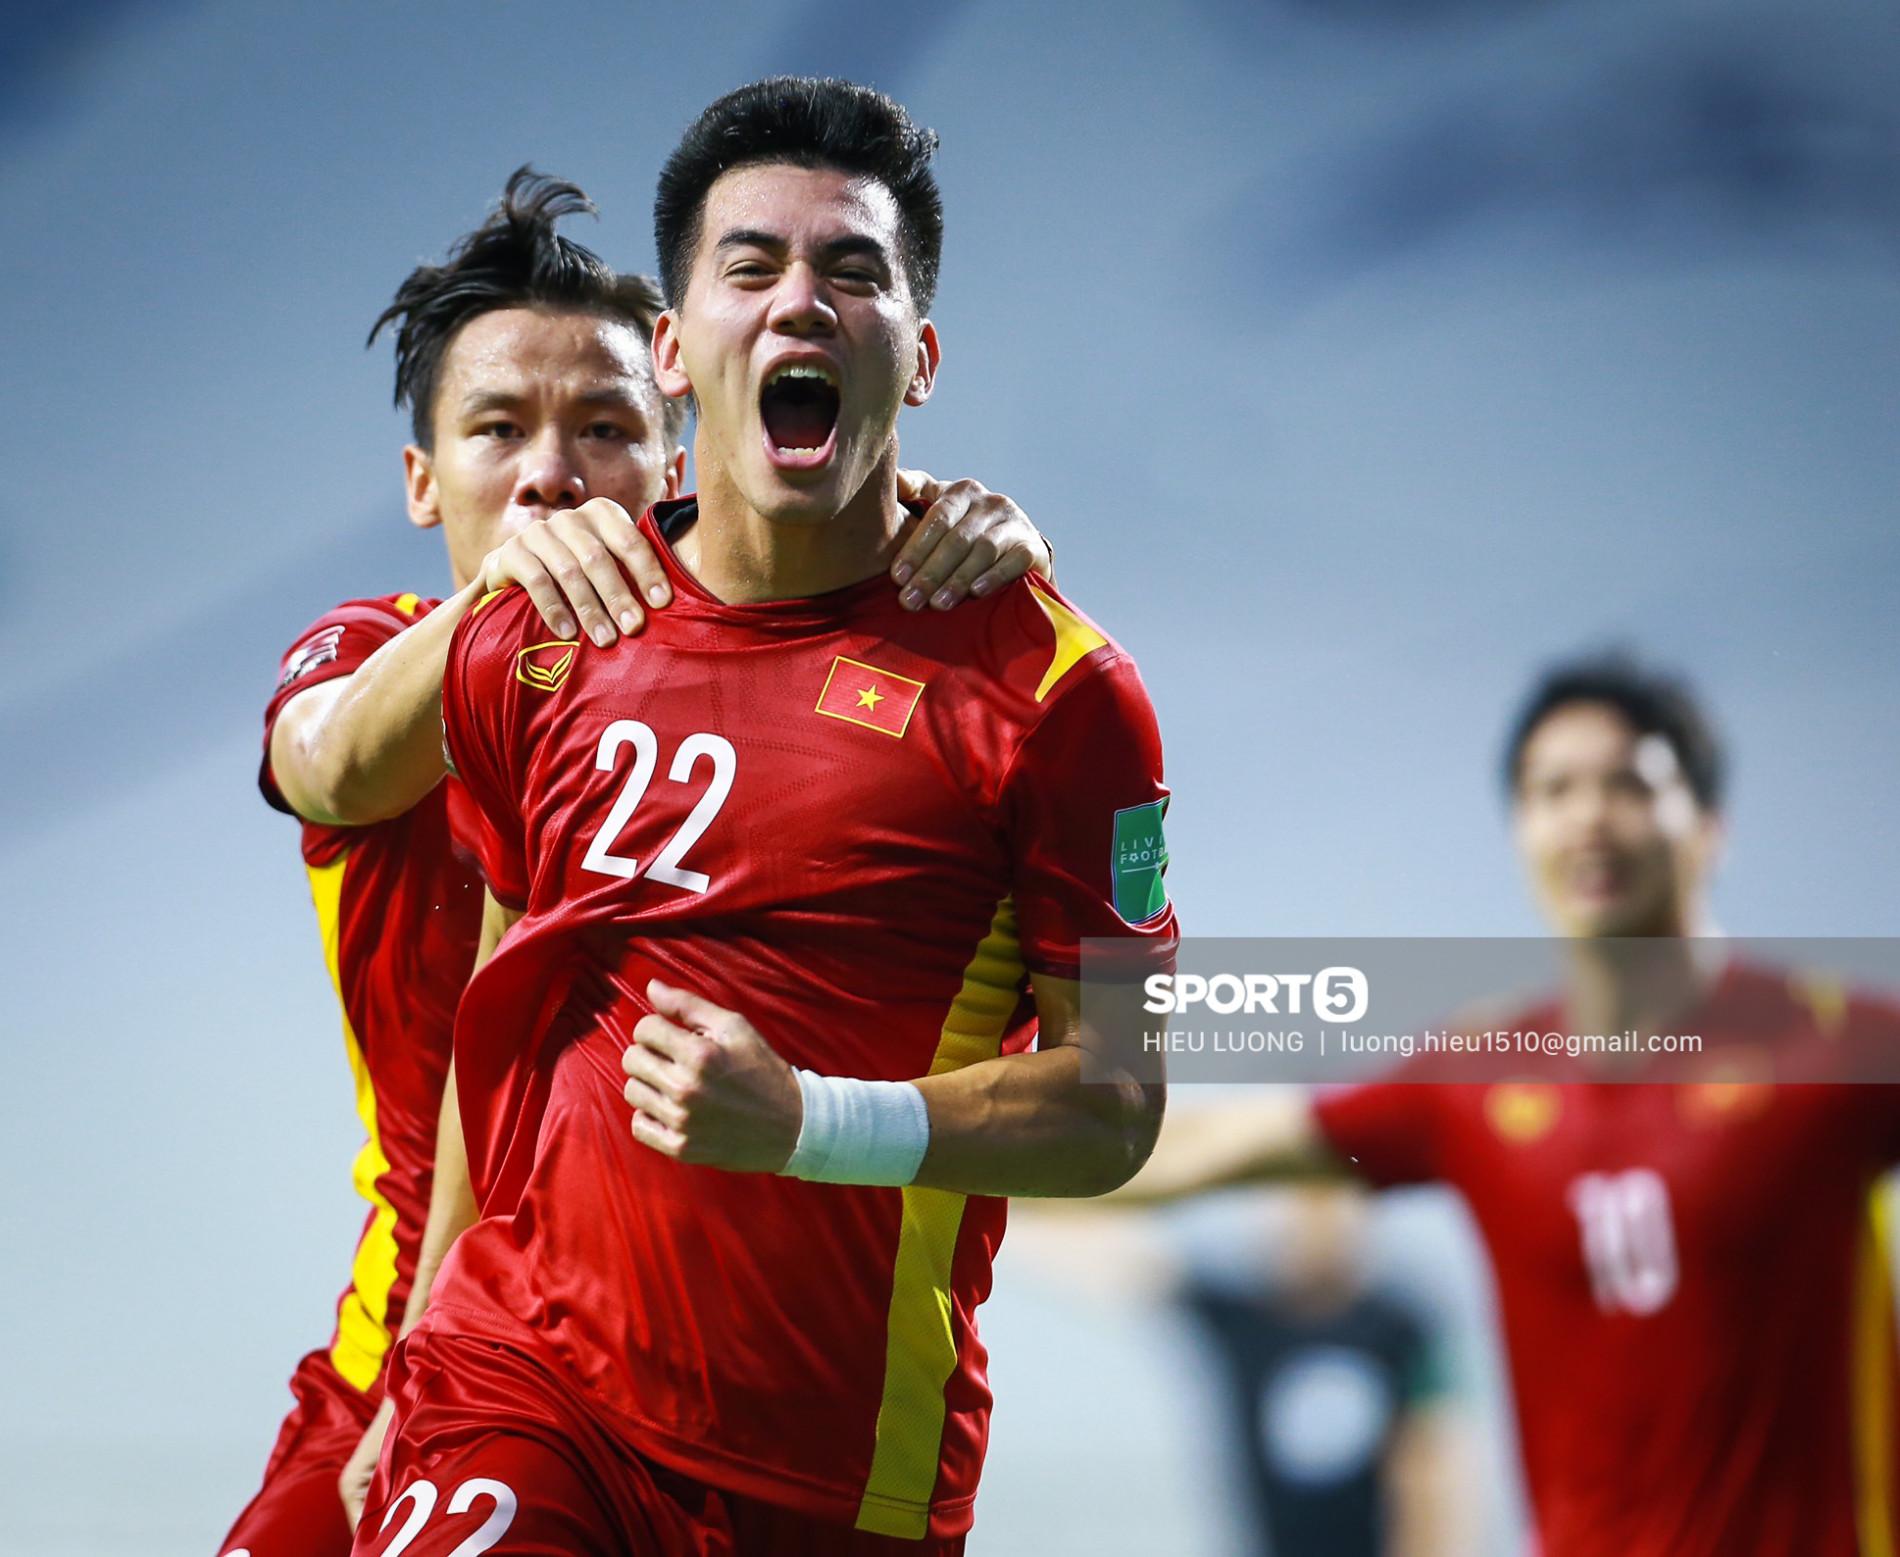 Đội tuyển Việt Nam trước trận đấu với UAE: